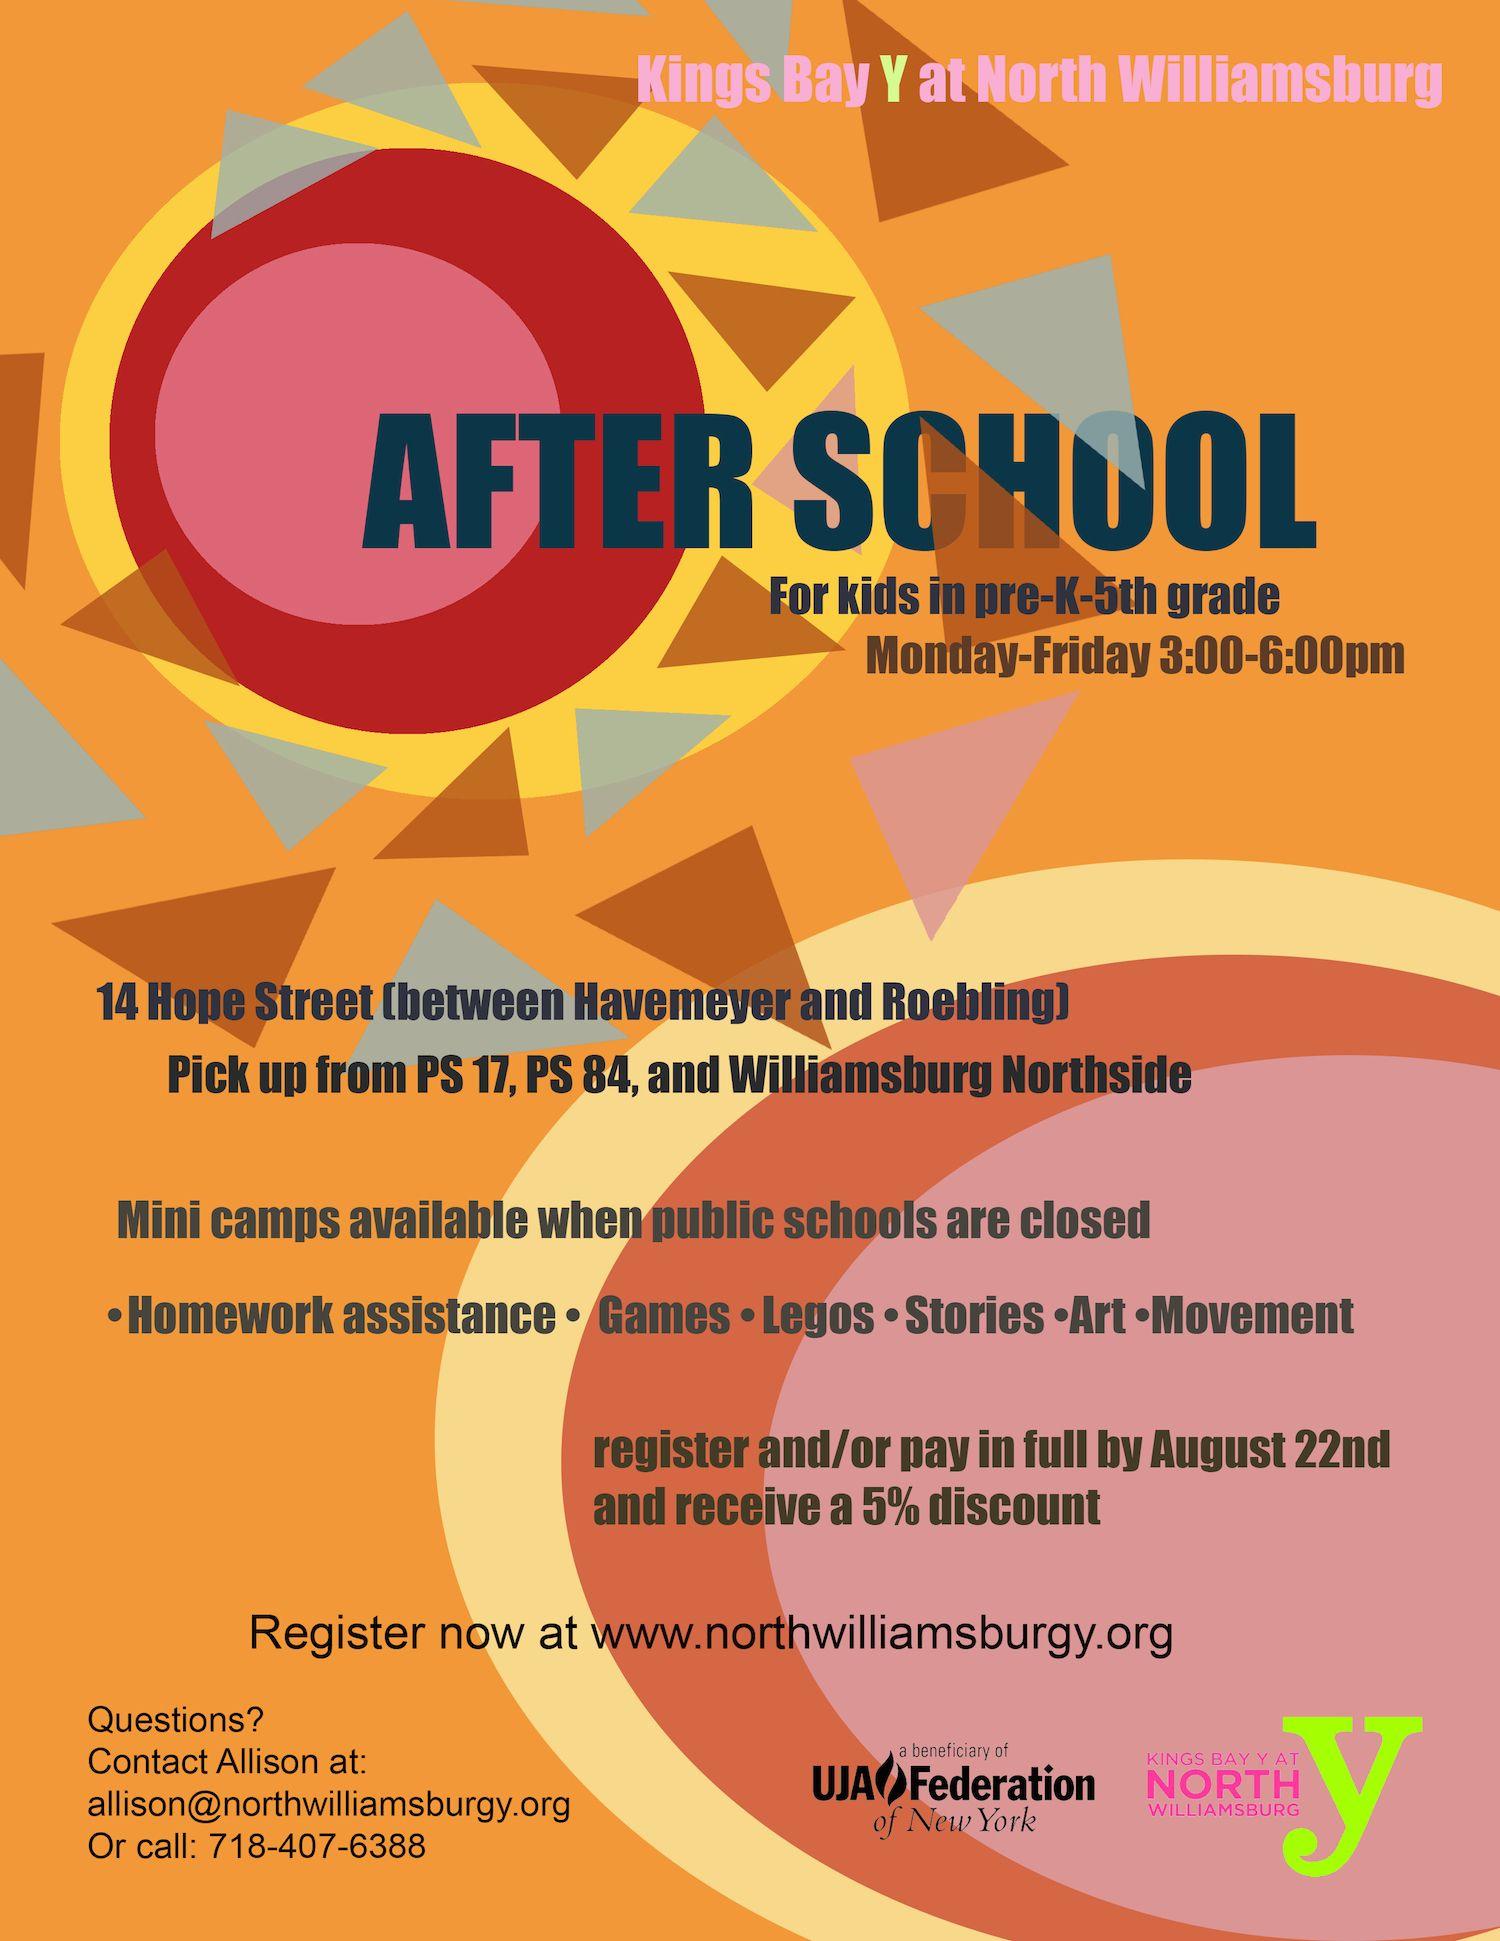 After School Enrichment Program in Williamsburg #brooklyn #brooklynmamas